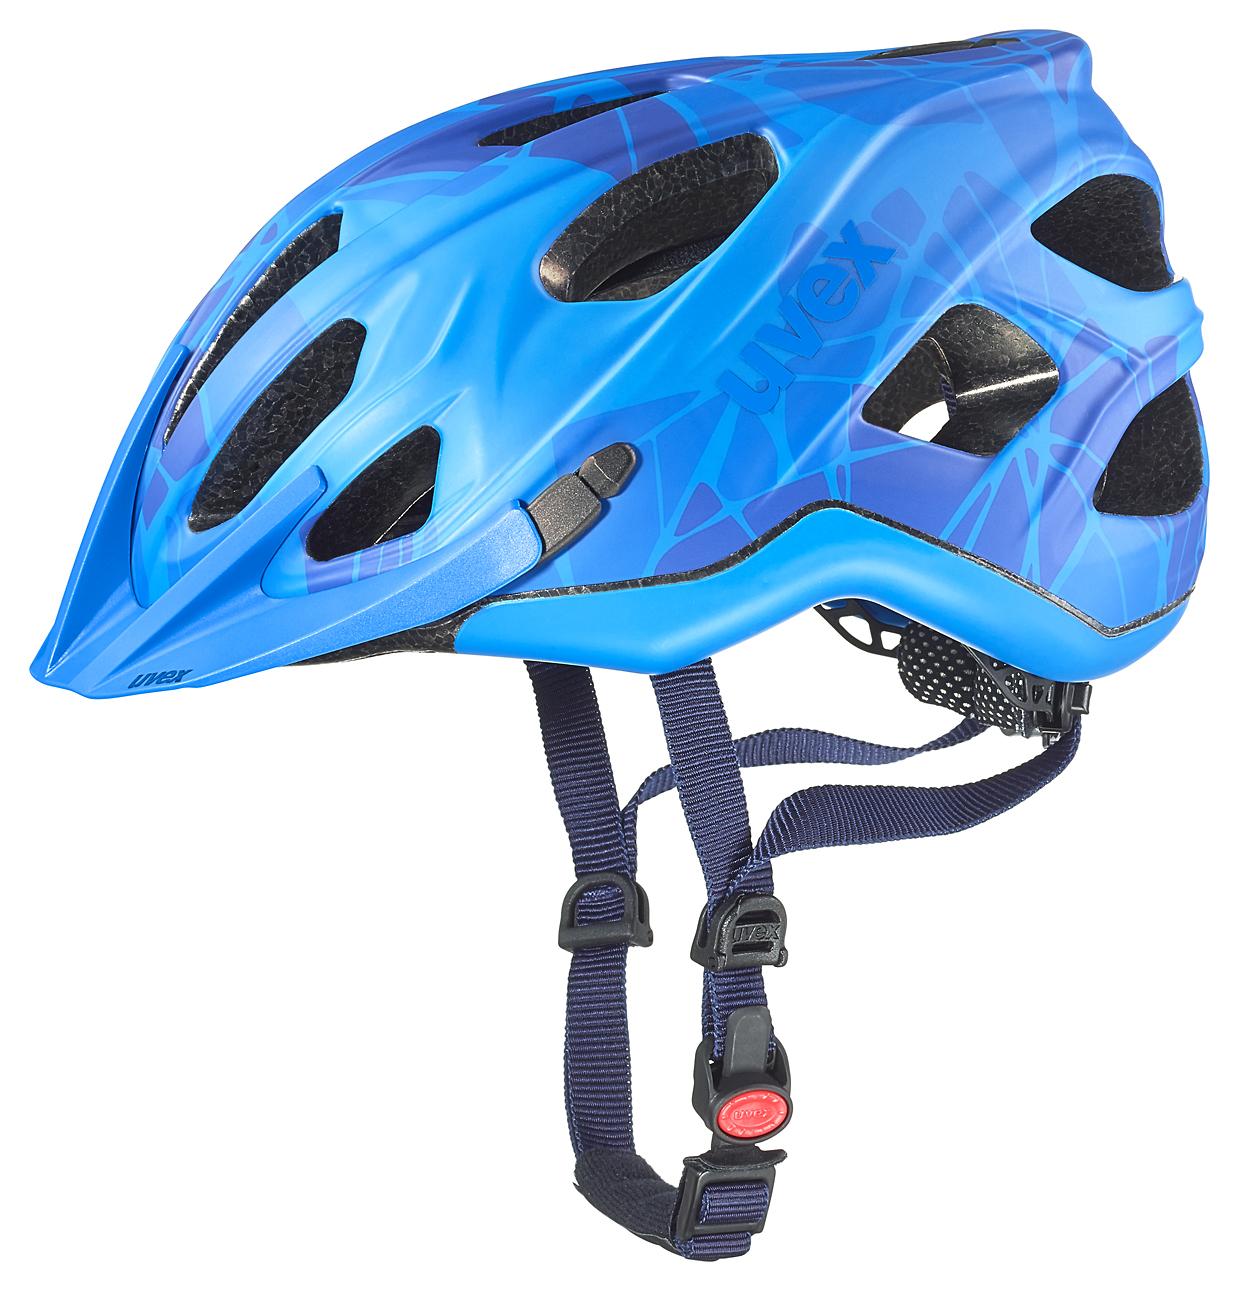 UVEX ADIGE CC, BLUE MAT 2016 52-57 cm